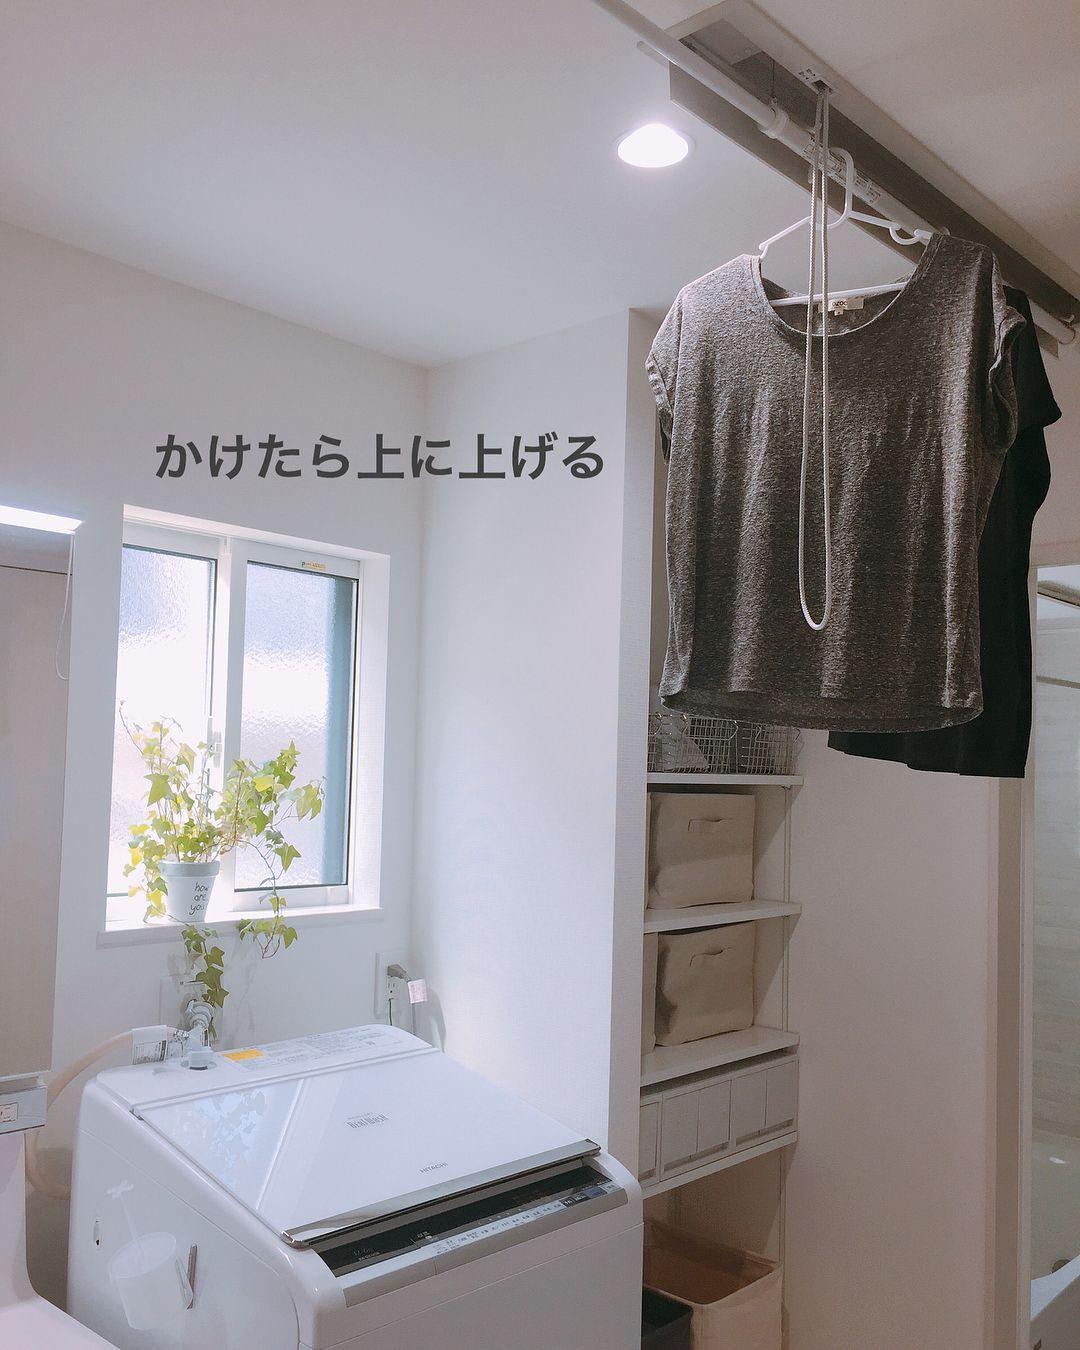 洗面所のホシ姫サマ 埋め込み式にしました ヒモ気になるかなーと